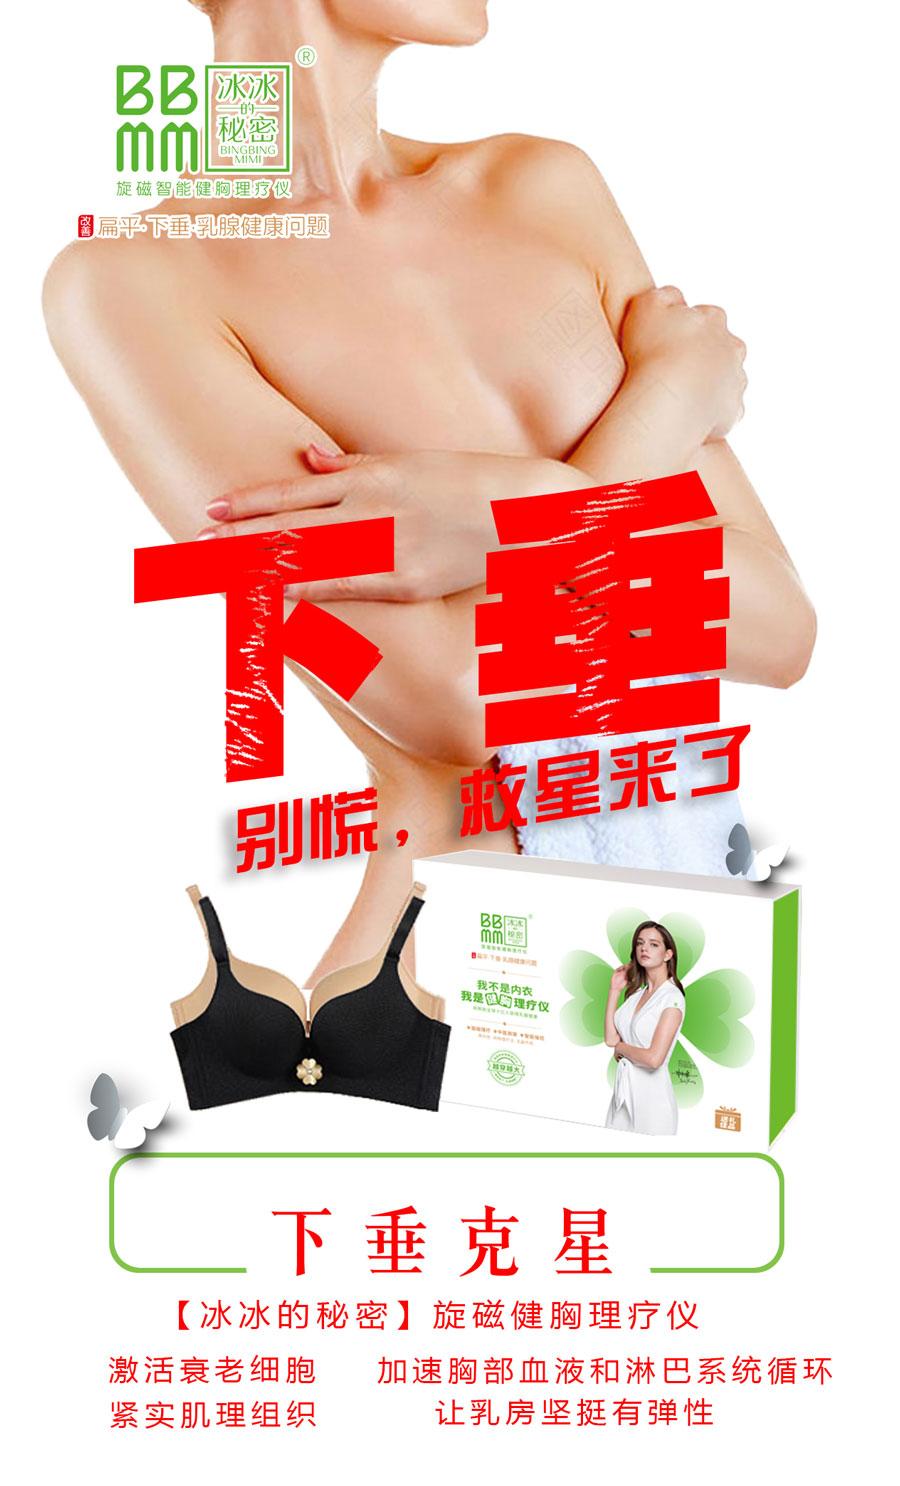 有效改善女性**扁平、下垂、增生的智能内衣